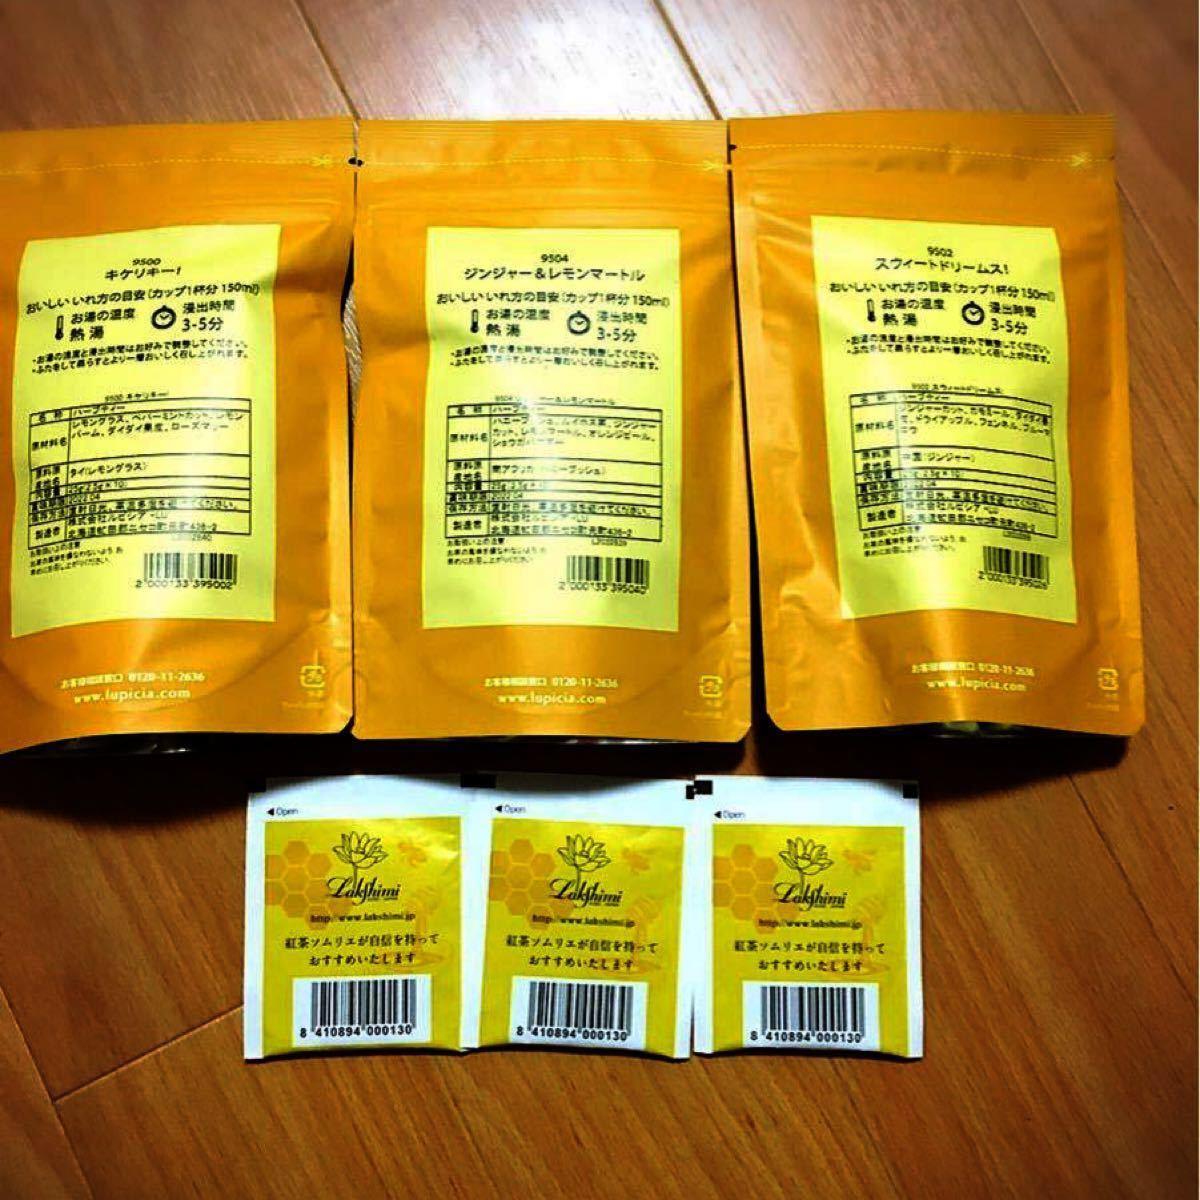 ルピシア デカフェ ティーバッグ ハーブティー&ラクシュミー極上はちみつ紅茶3袋付き!